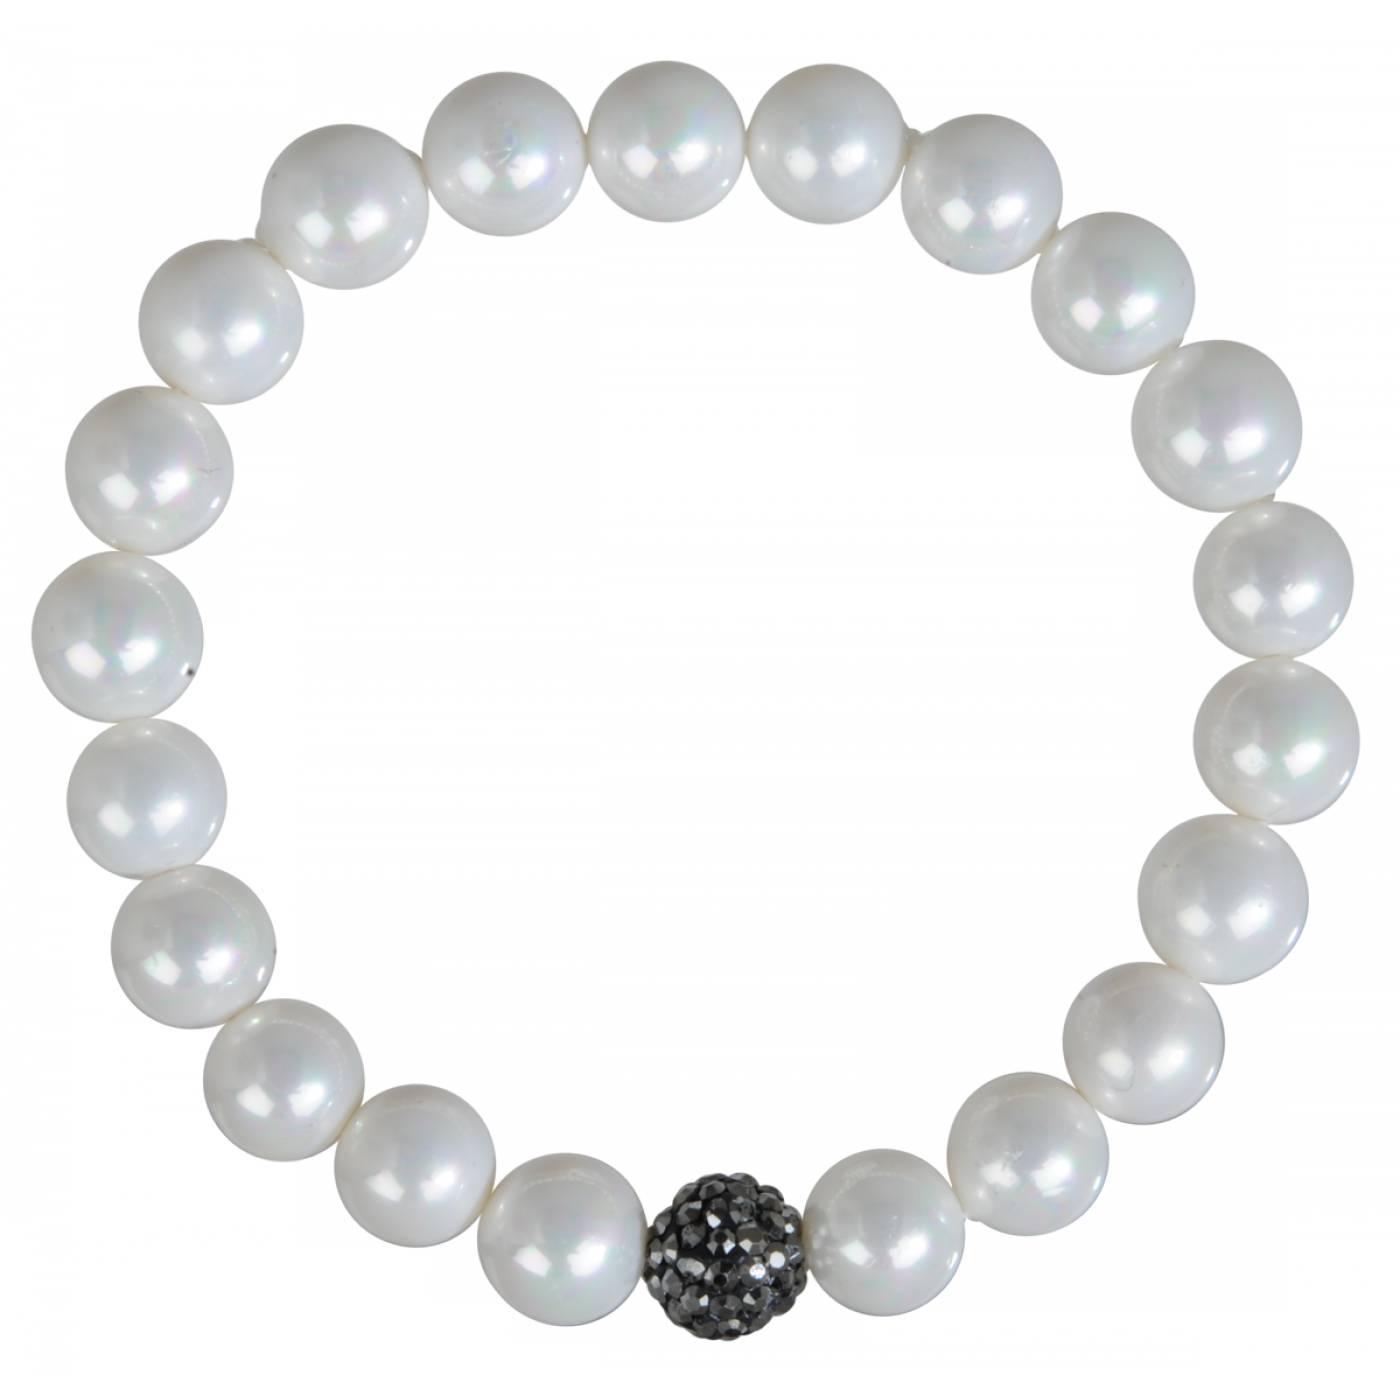 bracelet femme klervie lastique perle noir gris elodab. Black Bedroom Furniture Sets. Home Design Ideas